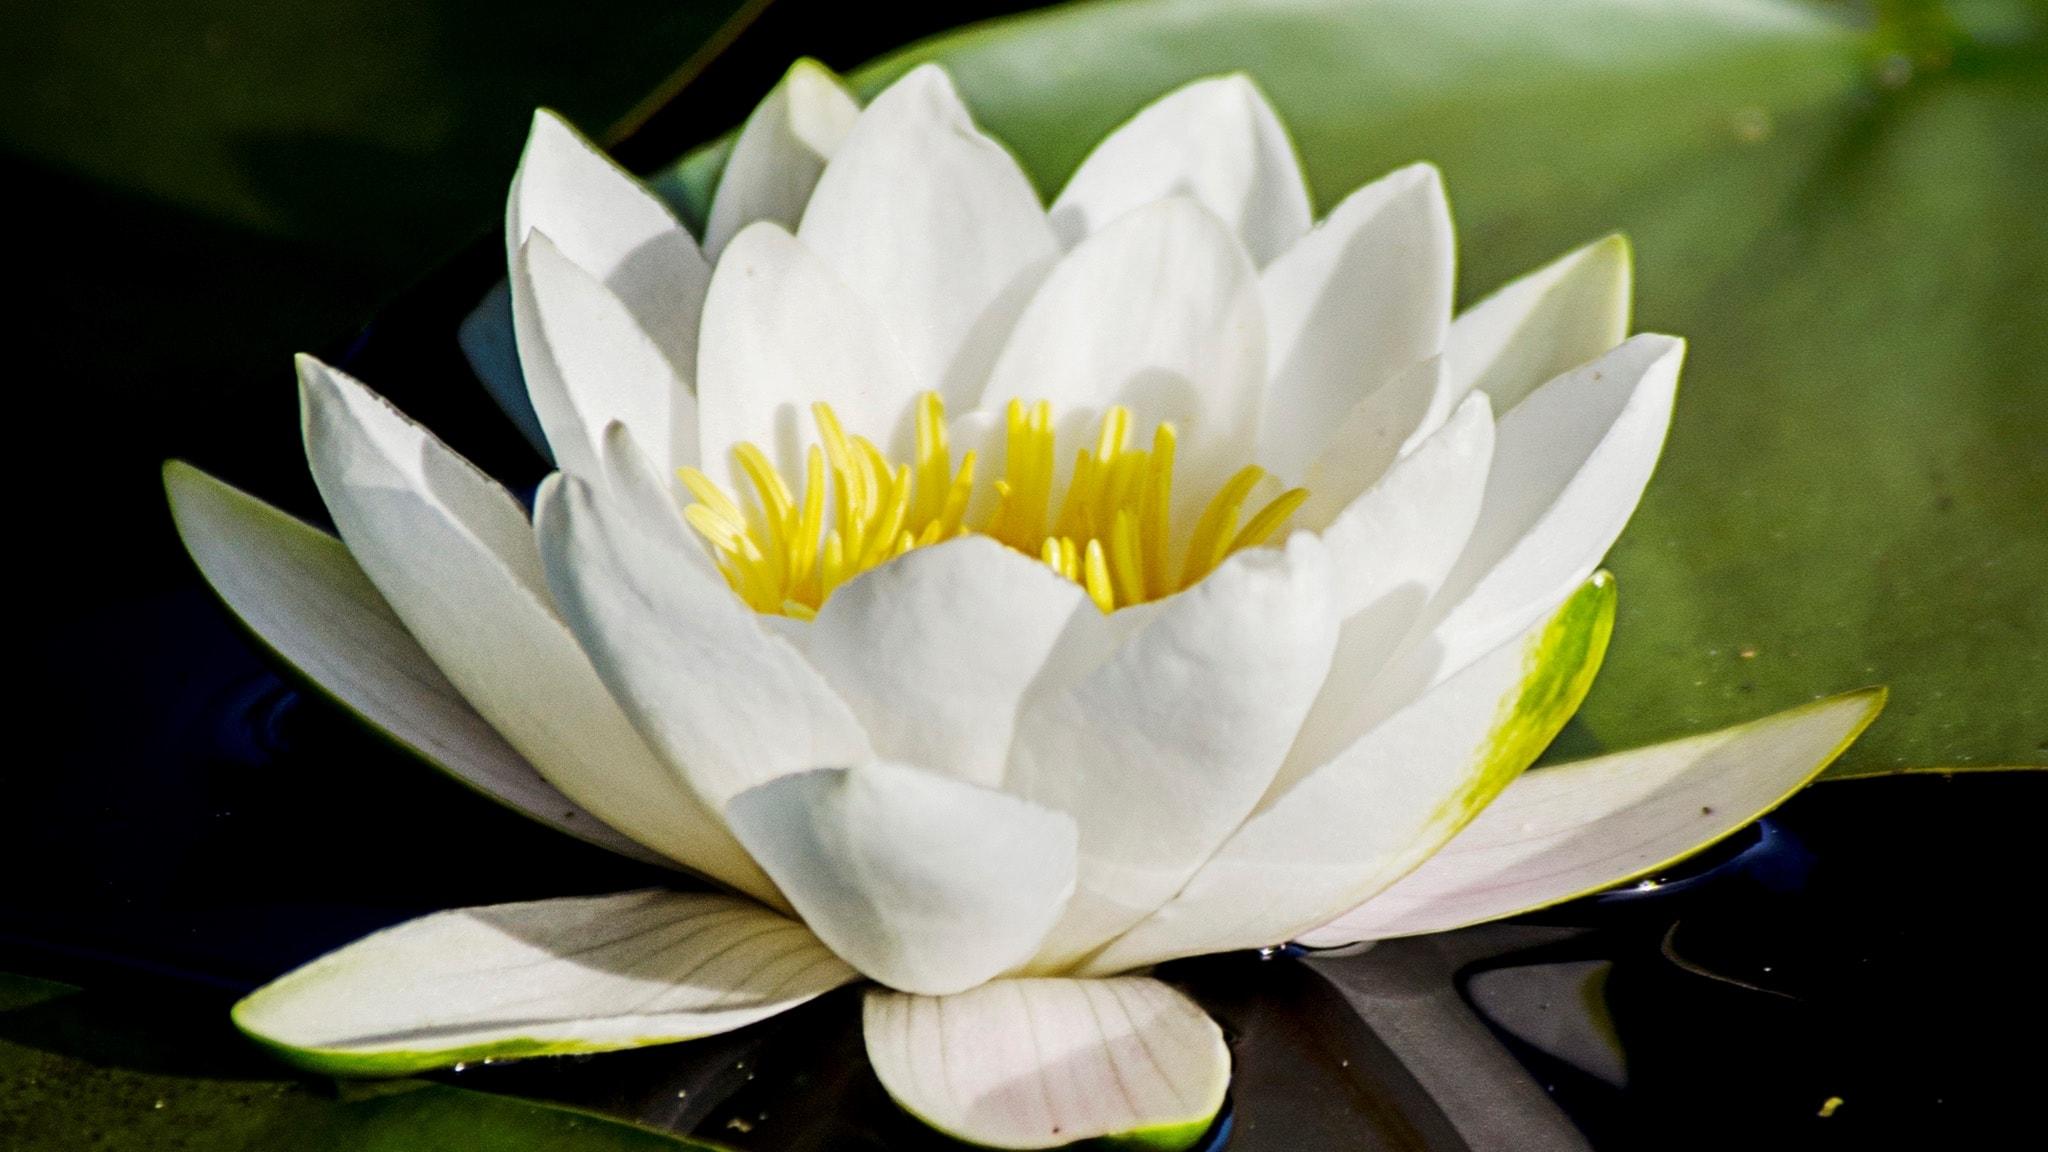 Berits blommor #10: Vit näckros